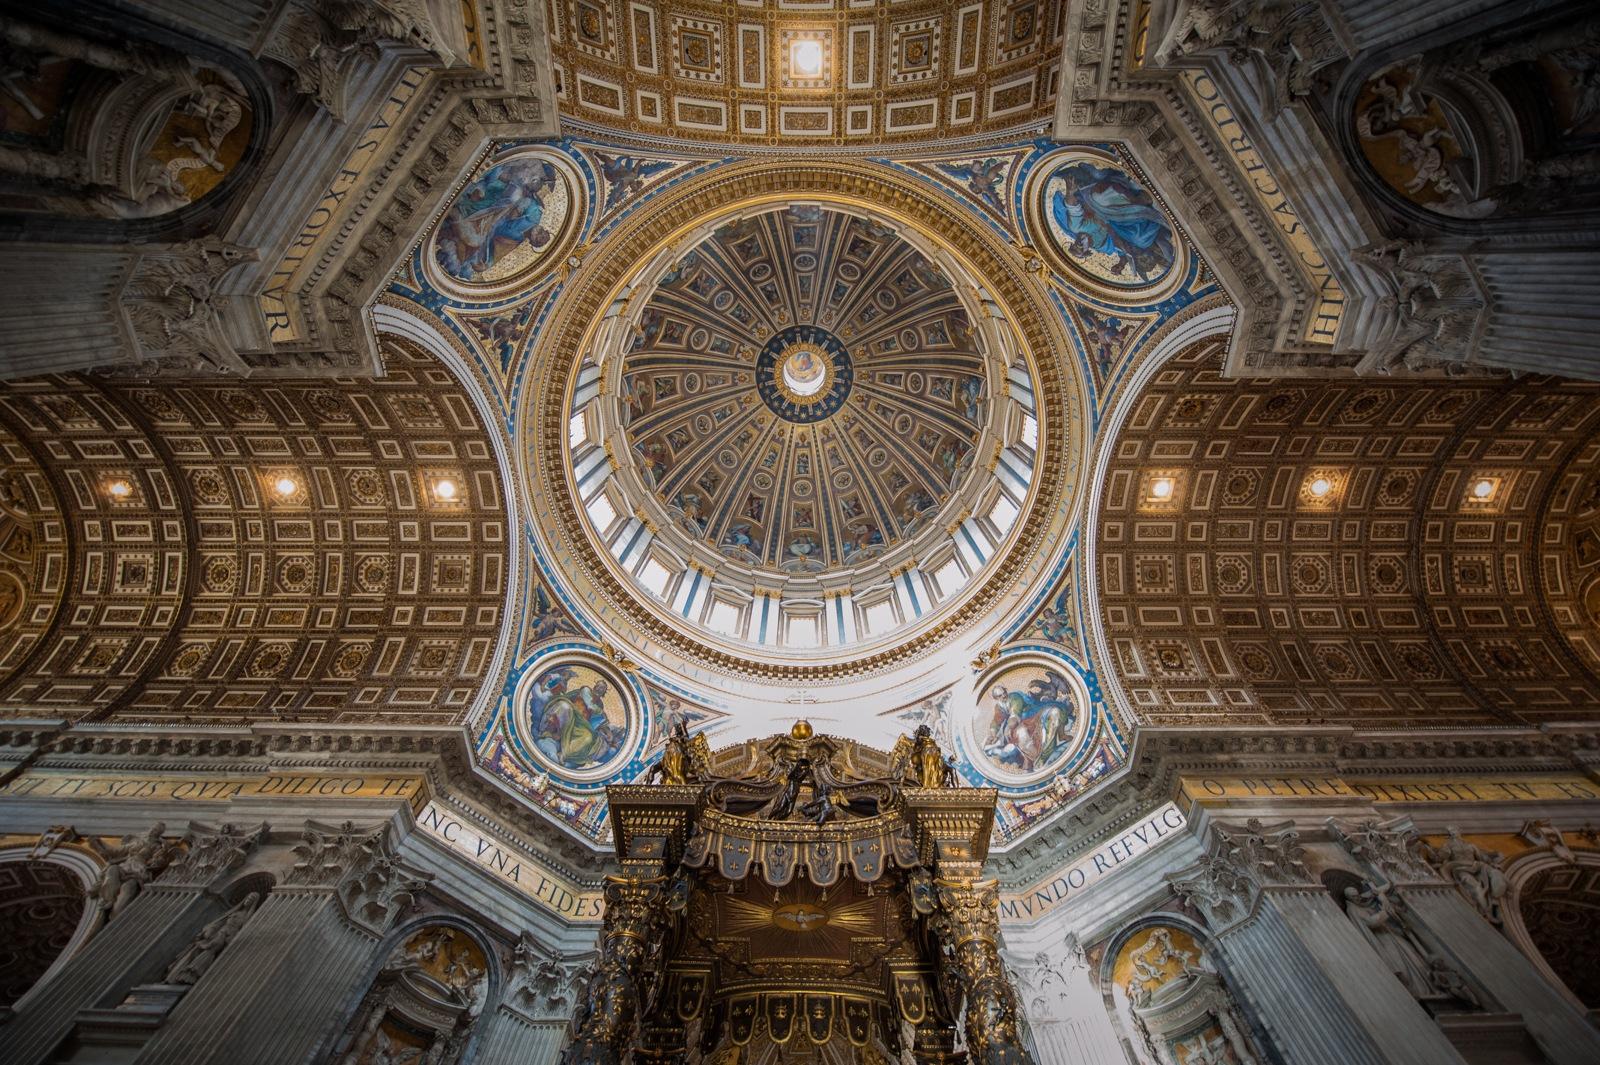 San pietro church by Arnaudphotos